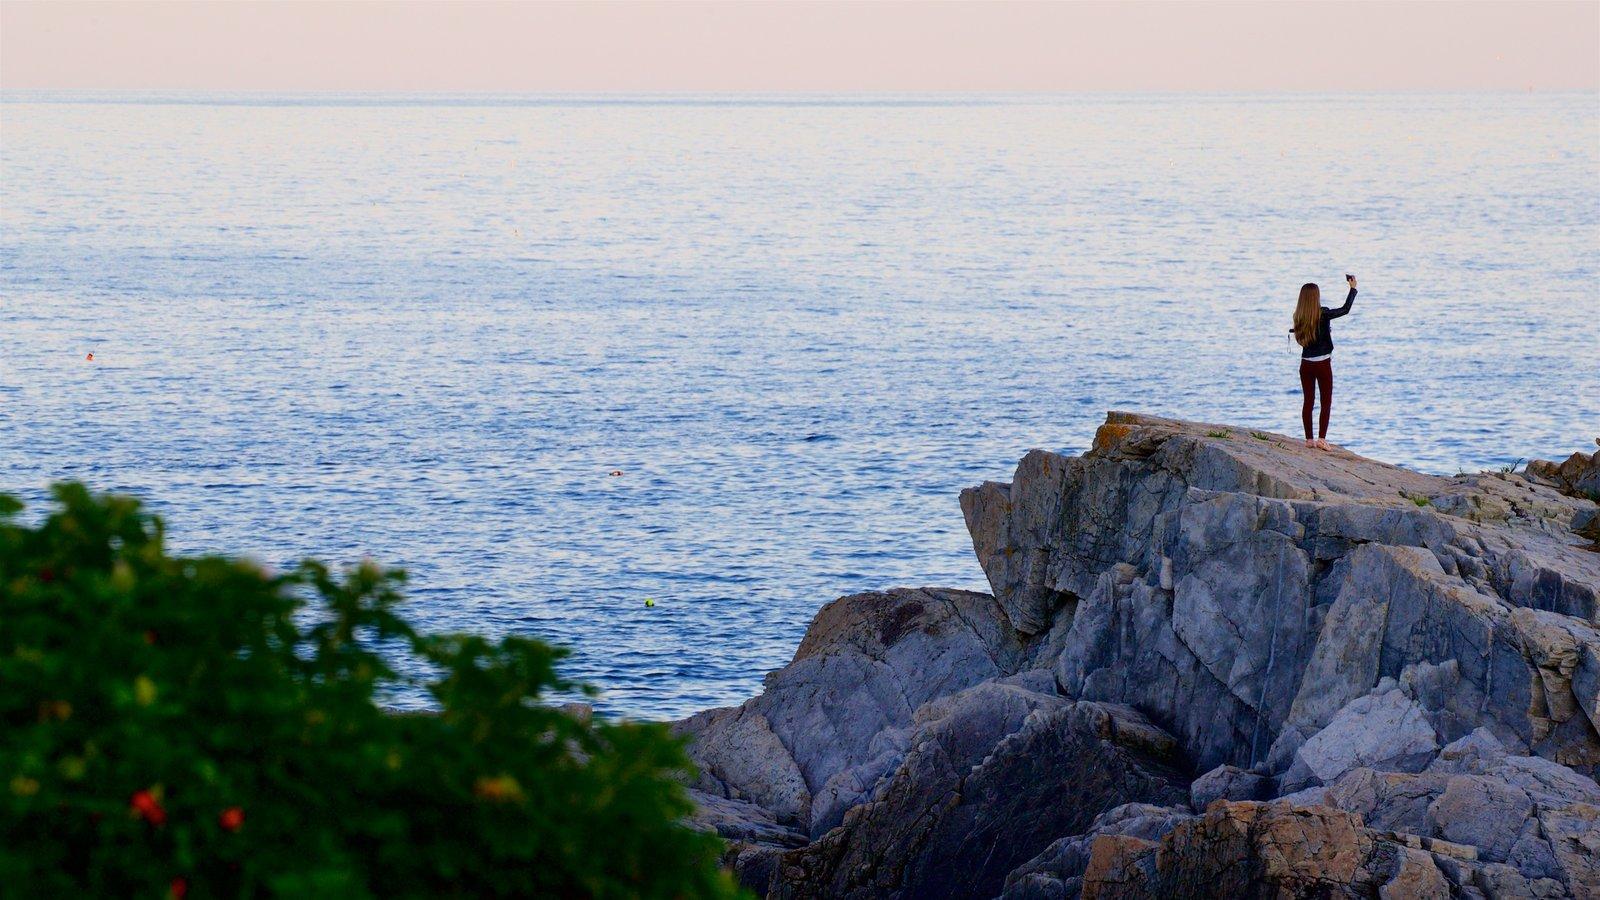 Parque Fort Williams ofreciendo vistas generales de la costa y costa rocosa y también una mujer